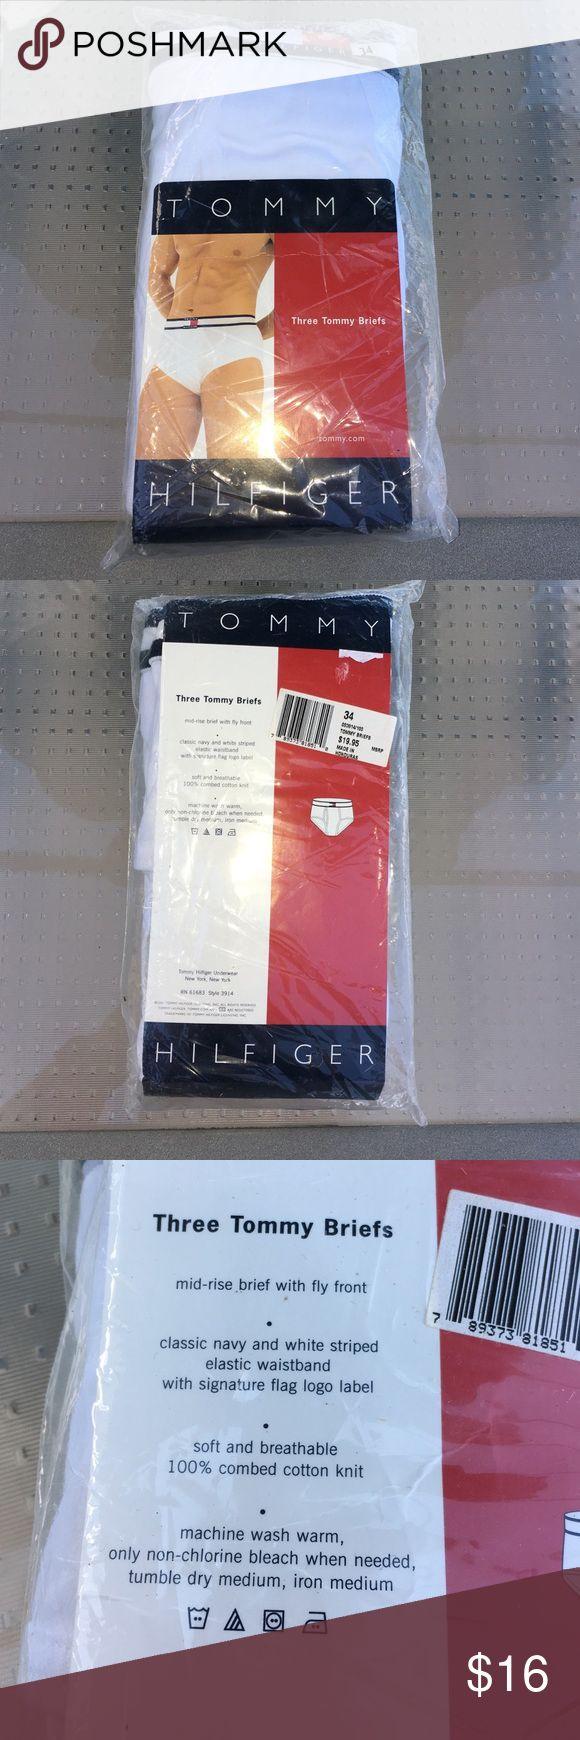 Men's Tommy Hilfiger Briefs 3 pack size 34 briefs. New in package. Tommy Hilfiger Underwear & Socks Briefs